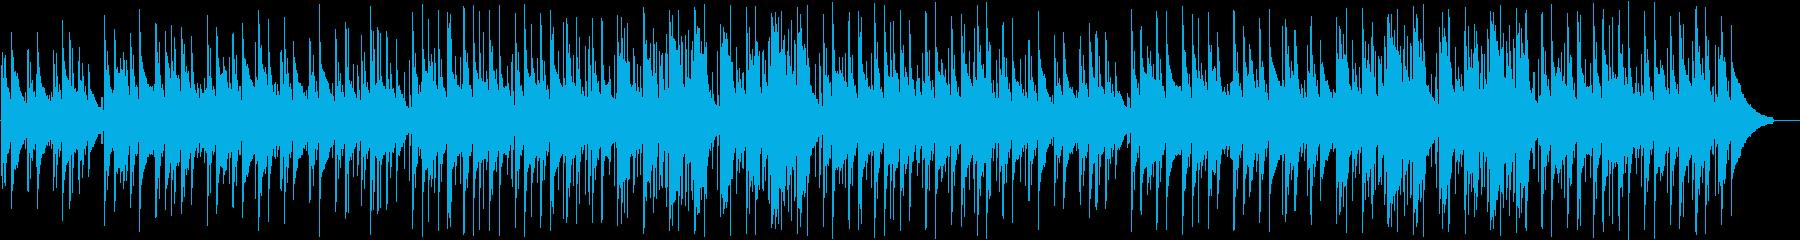 森の中のような癒されるヒーリングBGMの再生済みの波形